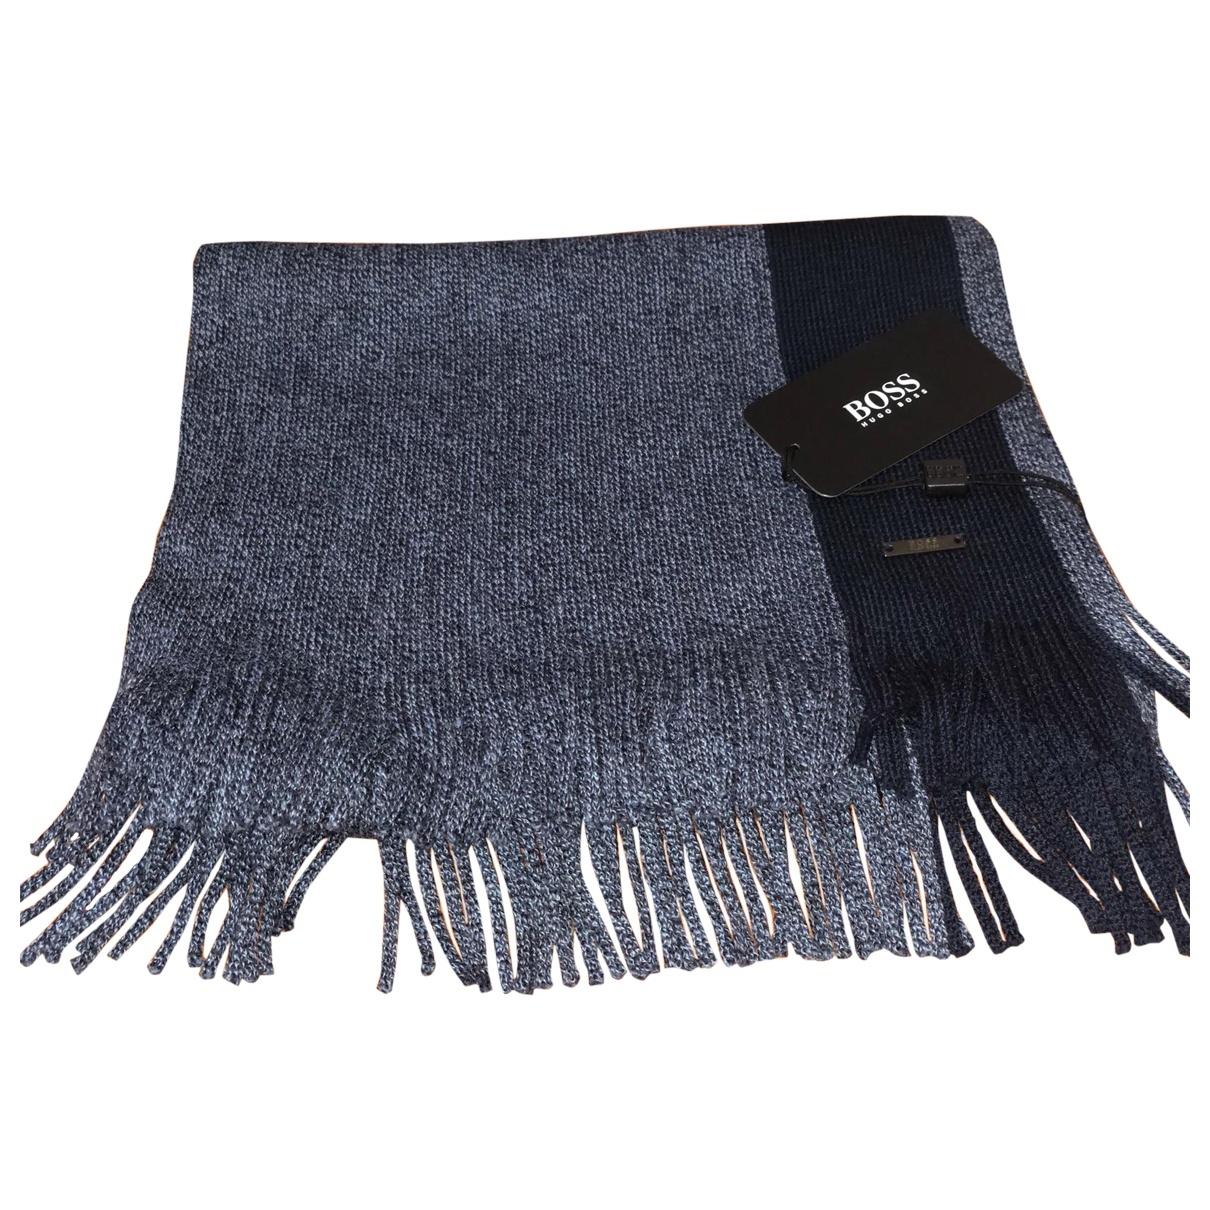 Hugo Boss - Cheches.Echarpes   pour homme en laine - bleu